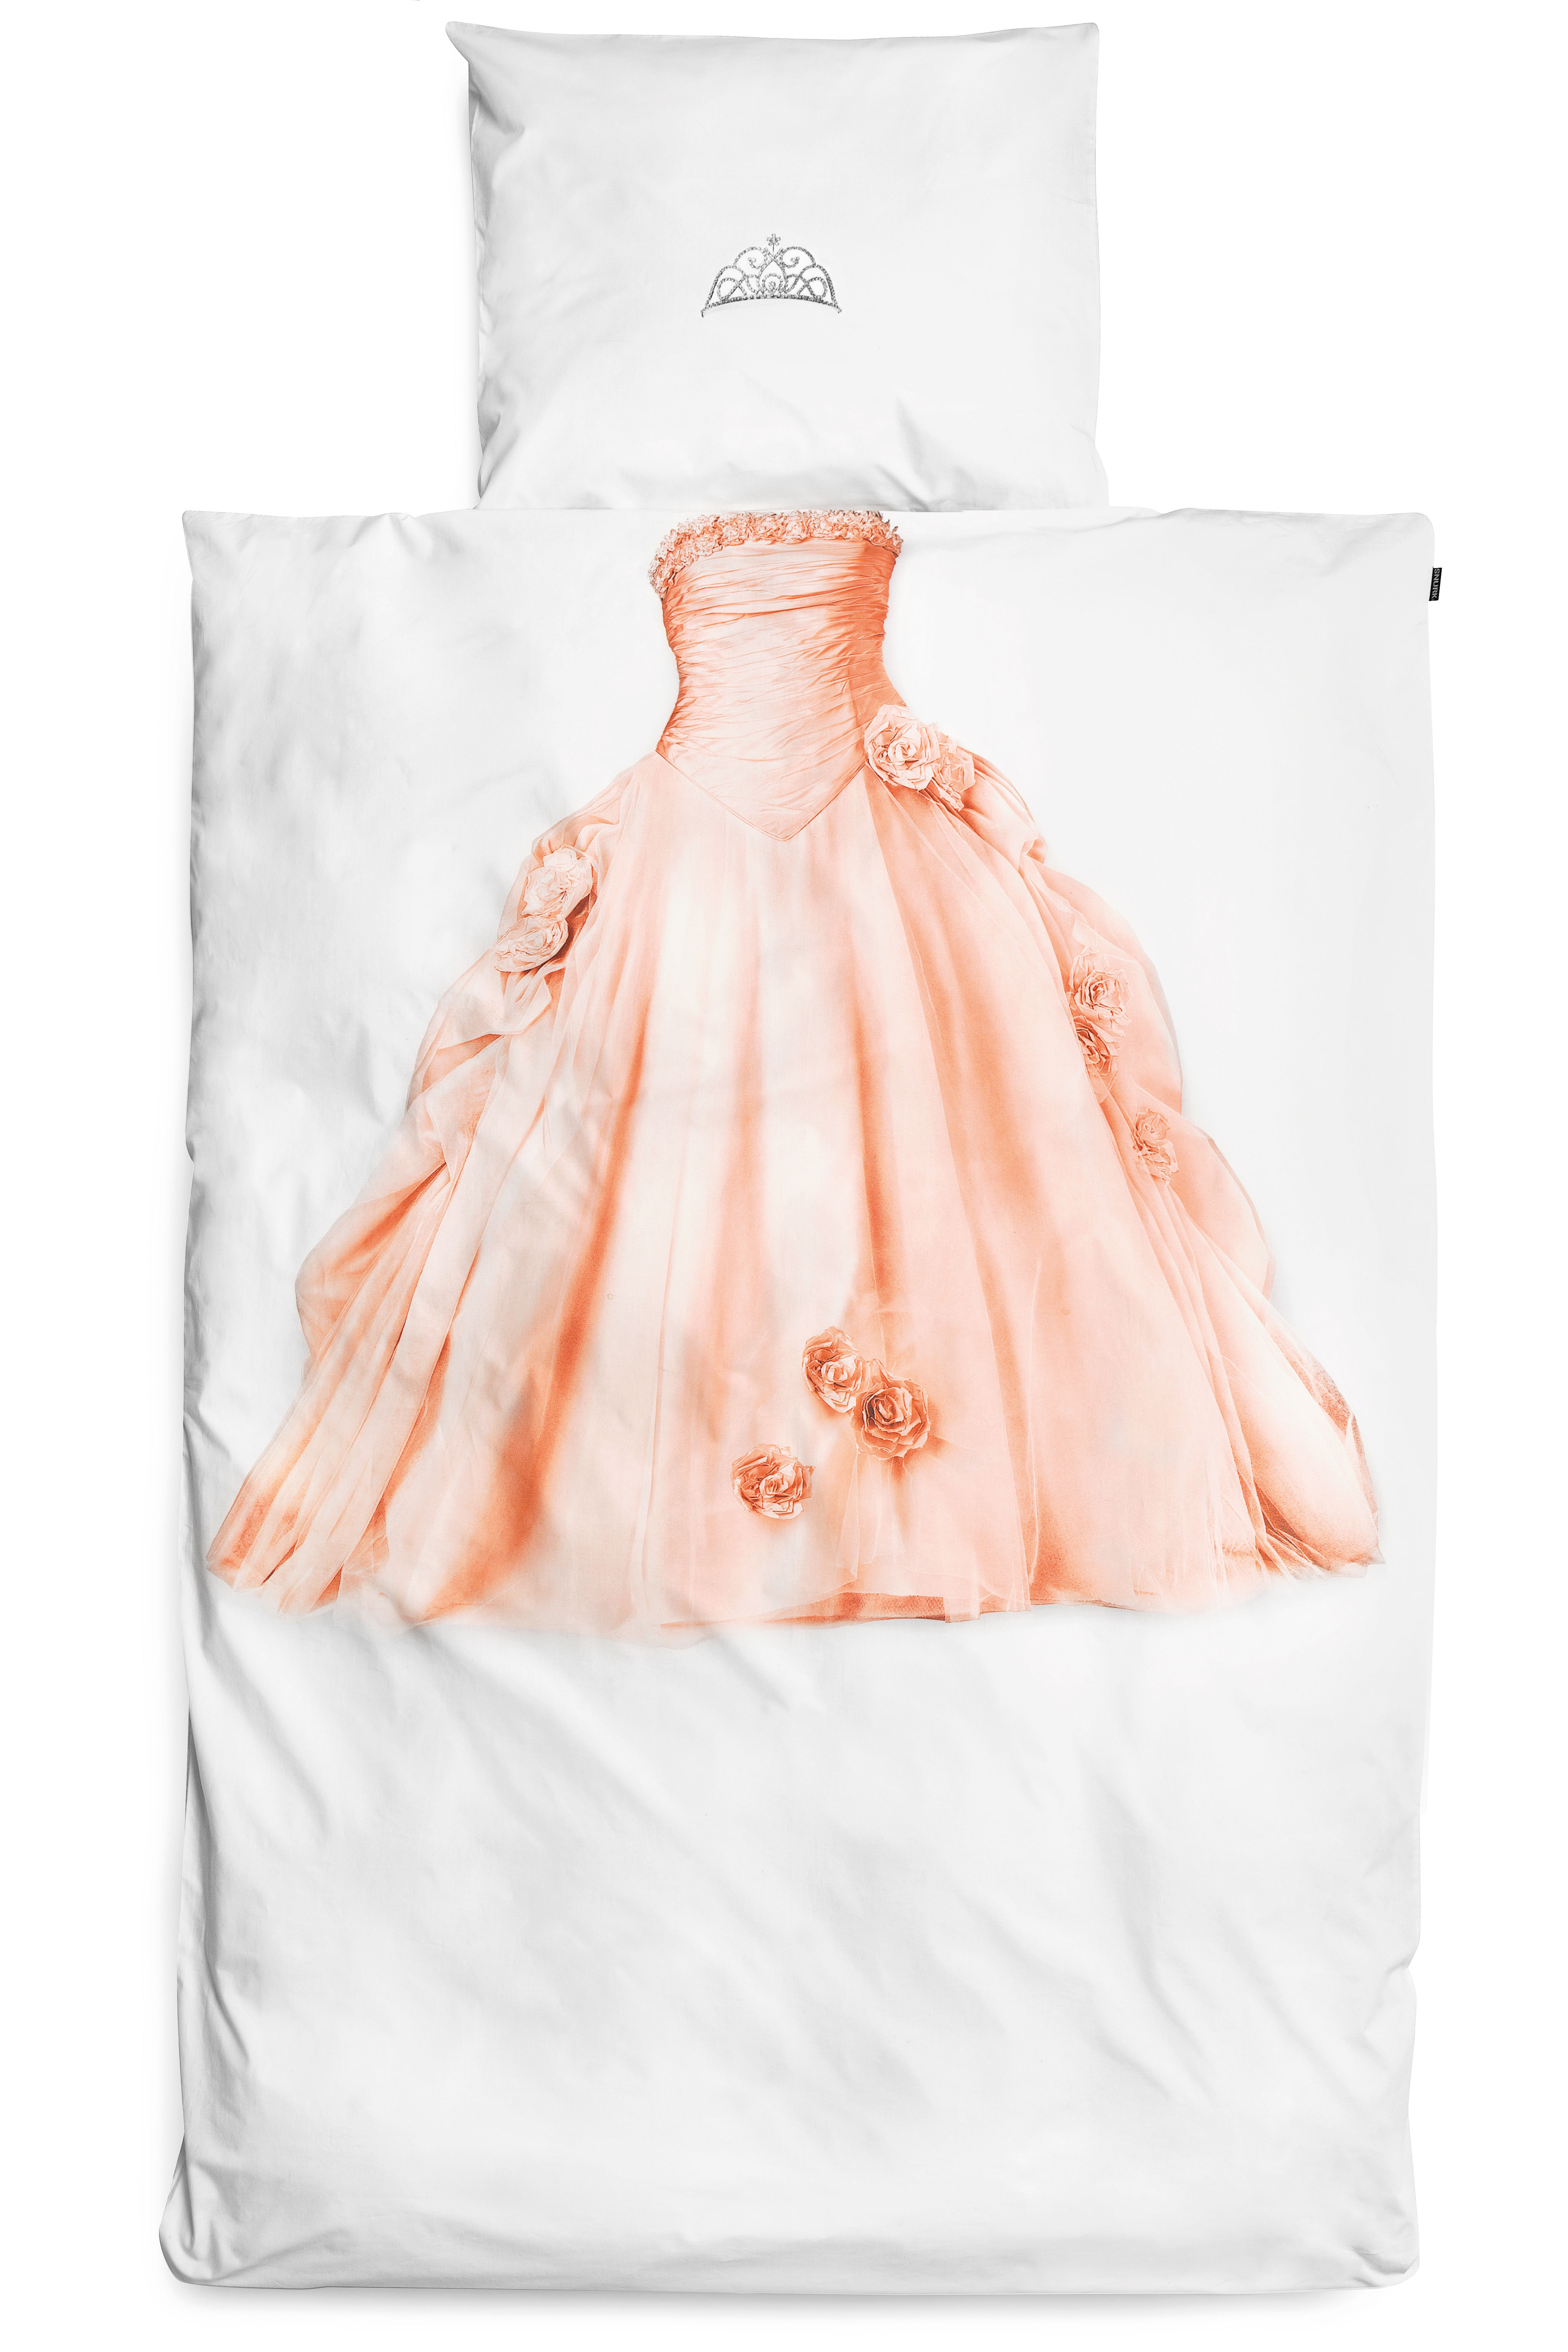 Decoration - Bedding & Bath Towels - Princesse Bedlinen set for 1 person - 135 x 200 cm by Snurk - Princess - Cotton percale